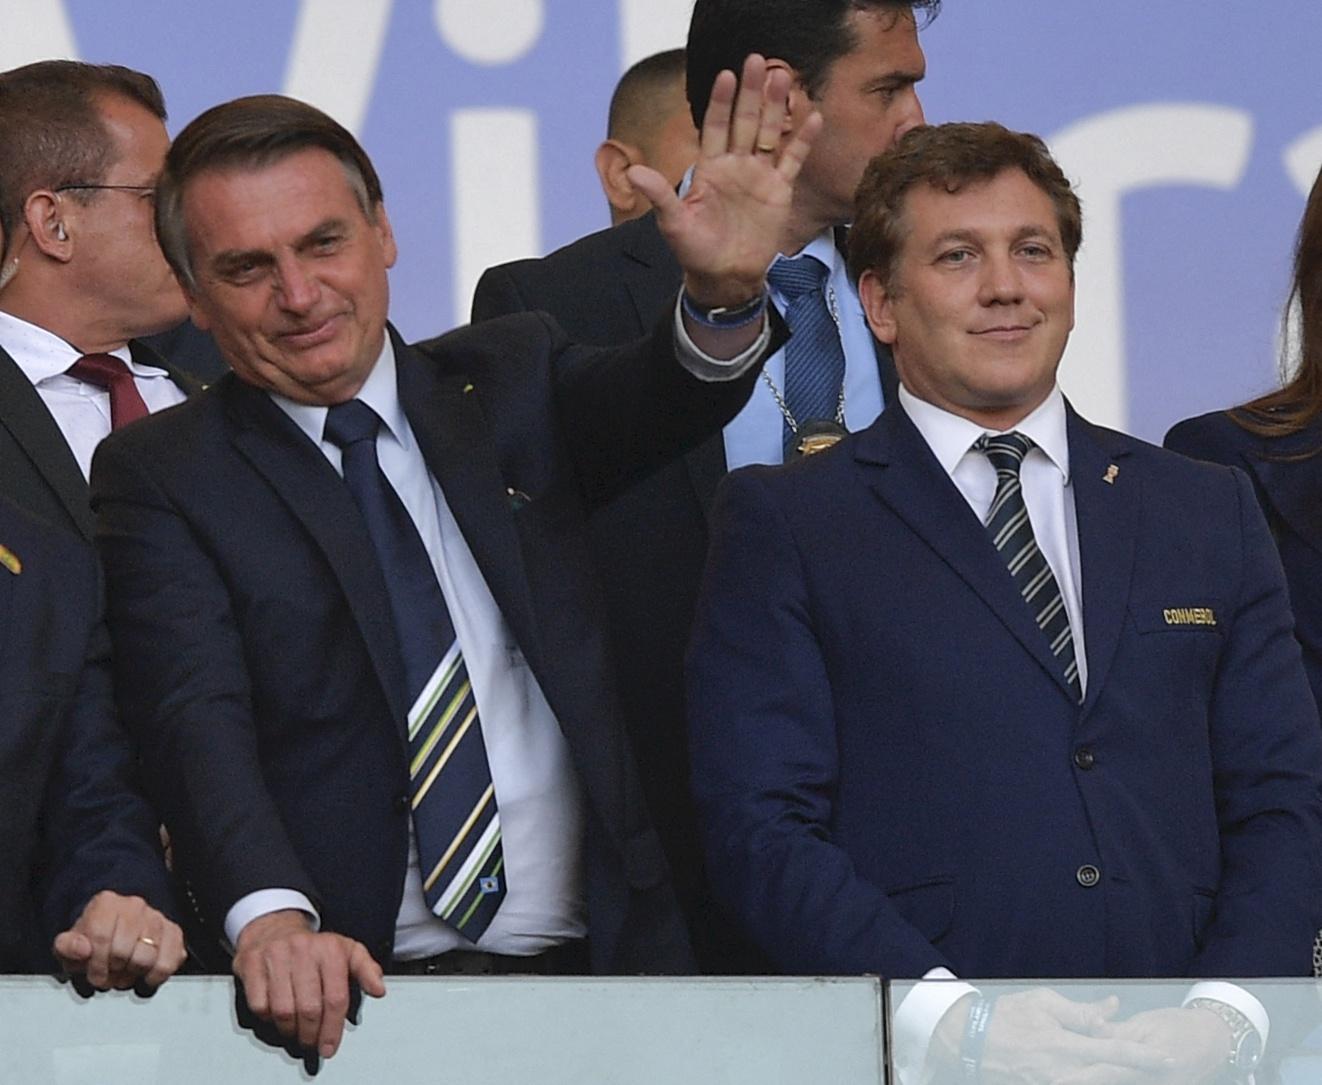 Tuy nhiên, do dịch bệnh COVID-19, giải đấu đã được chuyển sang Brazil dưới sự ủng hộ của Tổng thống Tổng thống Jair Bolsonaro